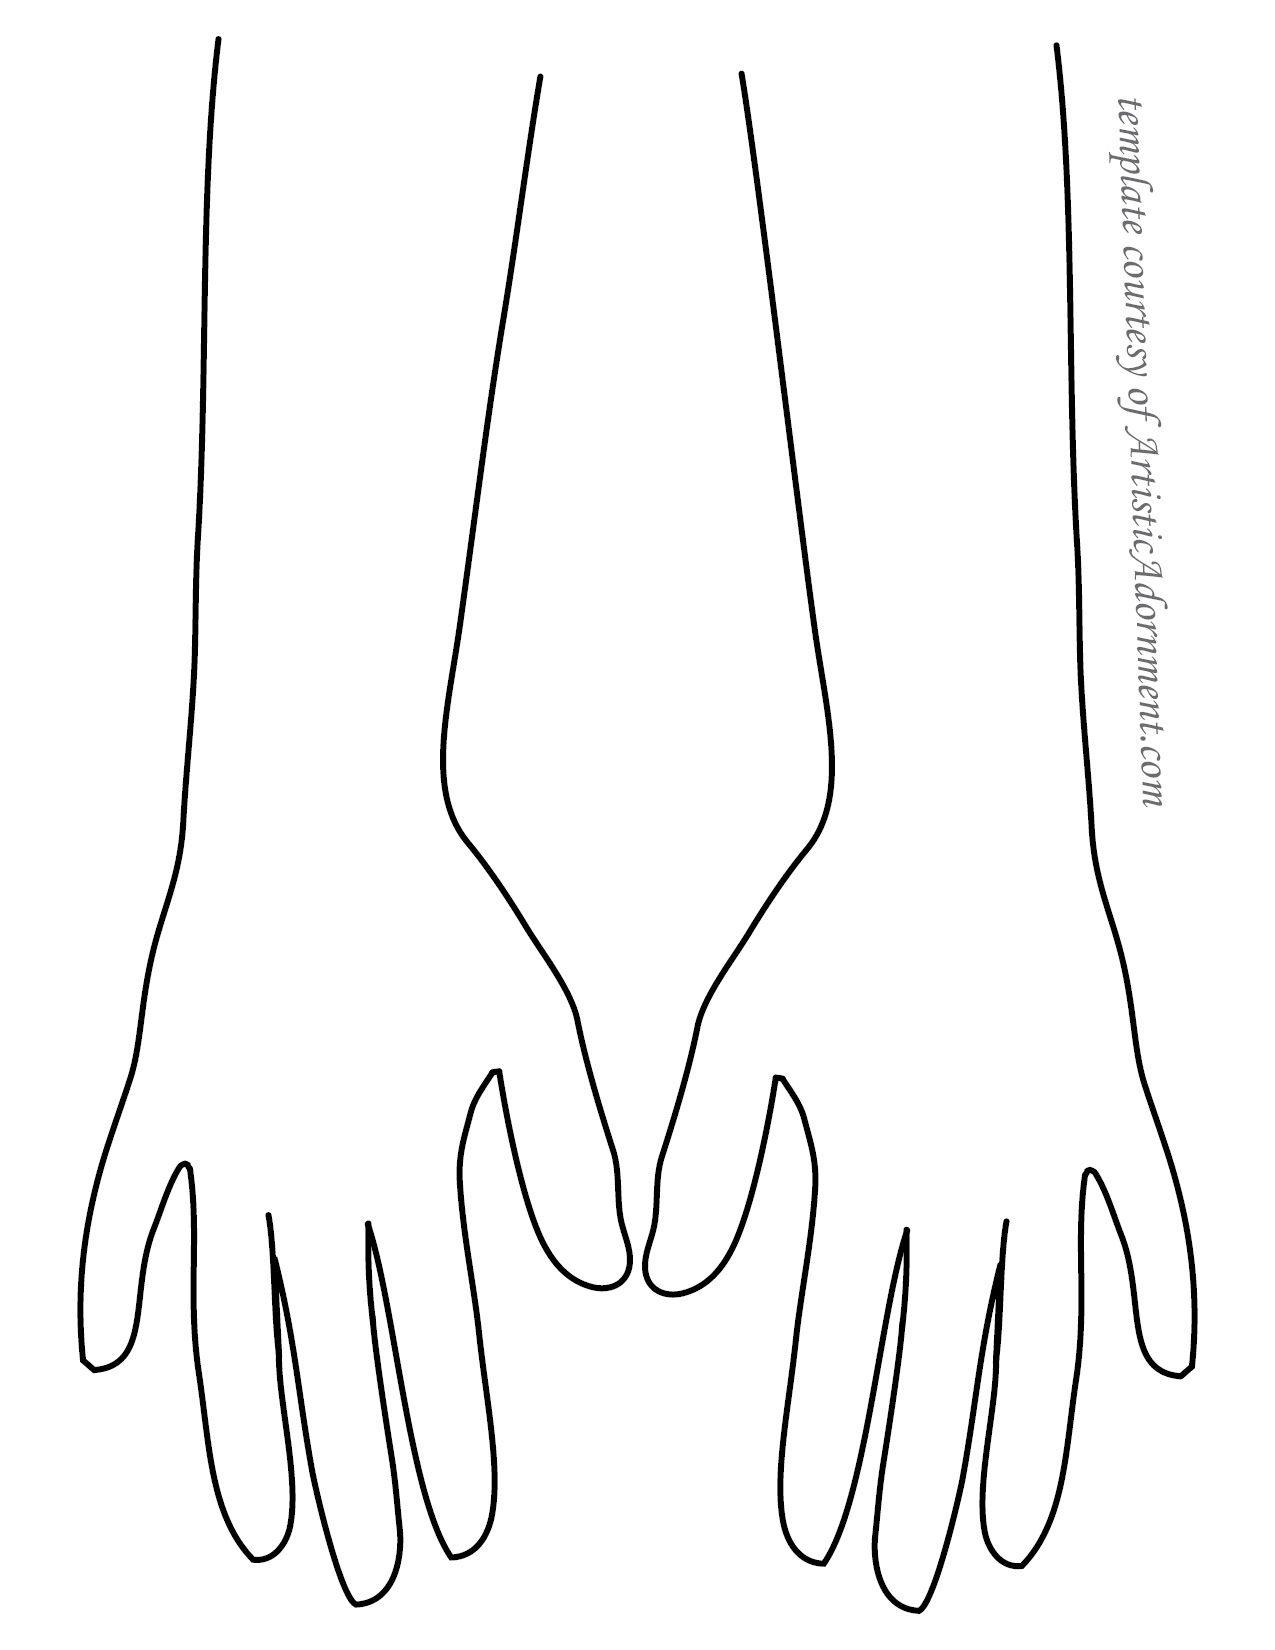 Free Henna Template - Backs of Hands - ArtisticAdornment.com ...